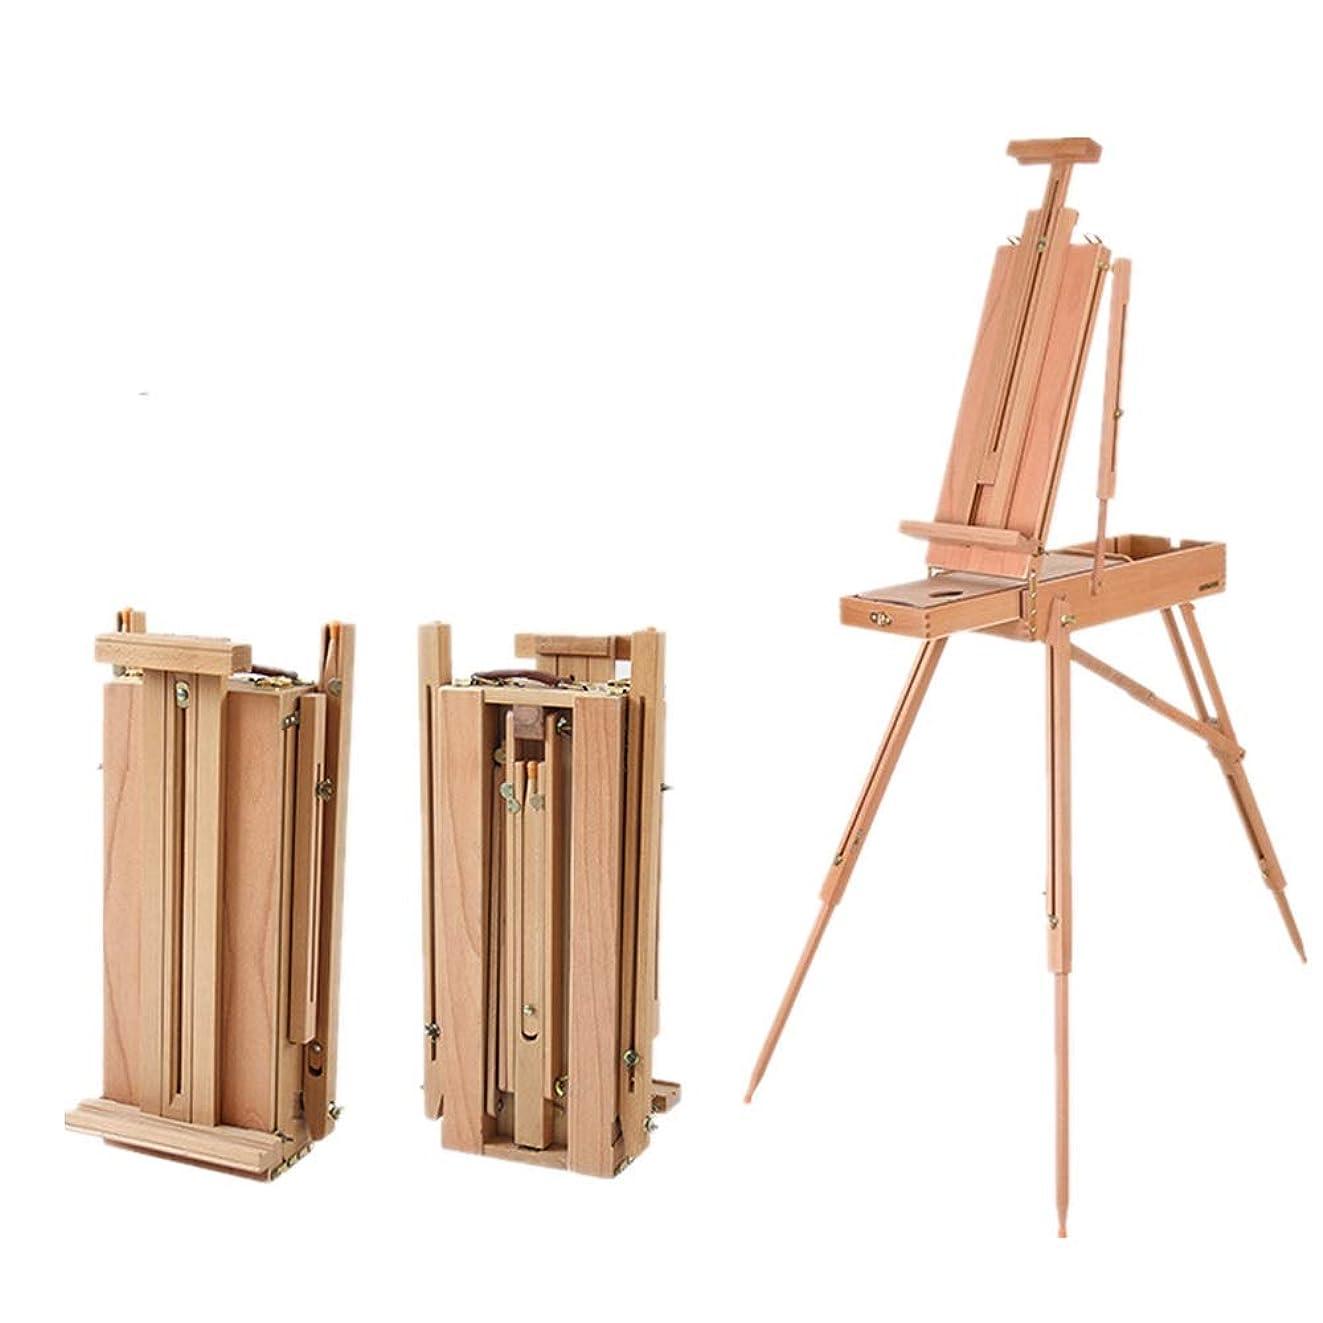 ピック春ハリウッドイーゼル 絵画スケッチ表示20x11x50cm用引き出し調節可能な木製三脚イーゼルスタンド付き三脚イーゼル 木製、ポータブル、折りたたみ式 (Color : Natural, Size : 20x11x50cm)